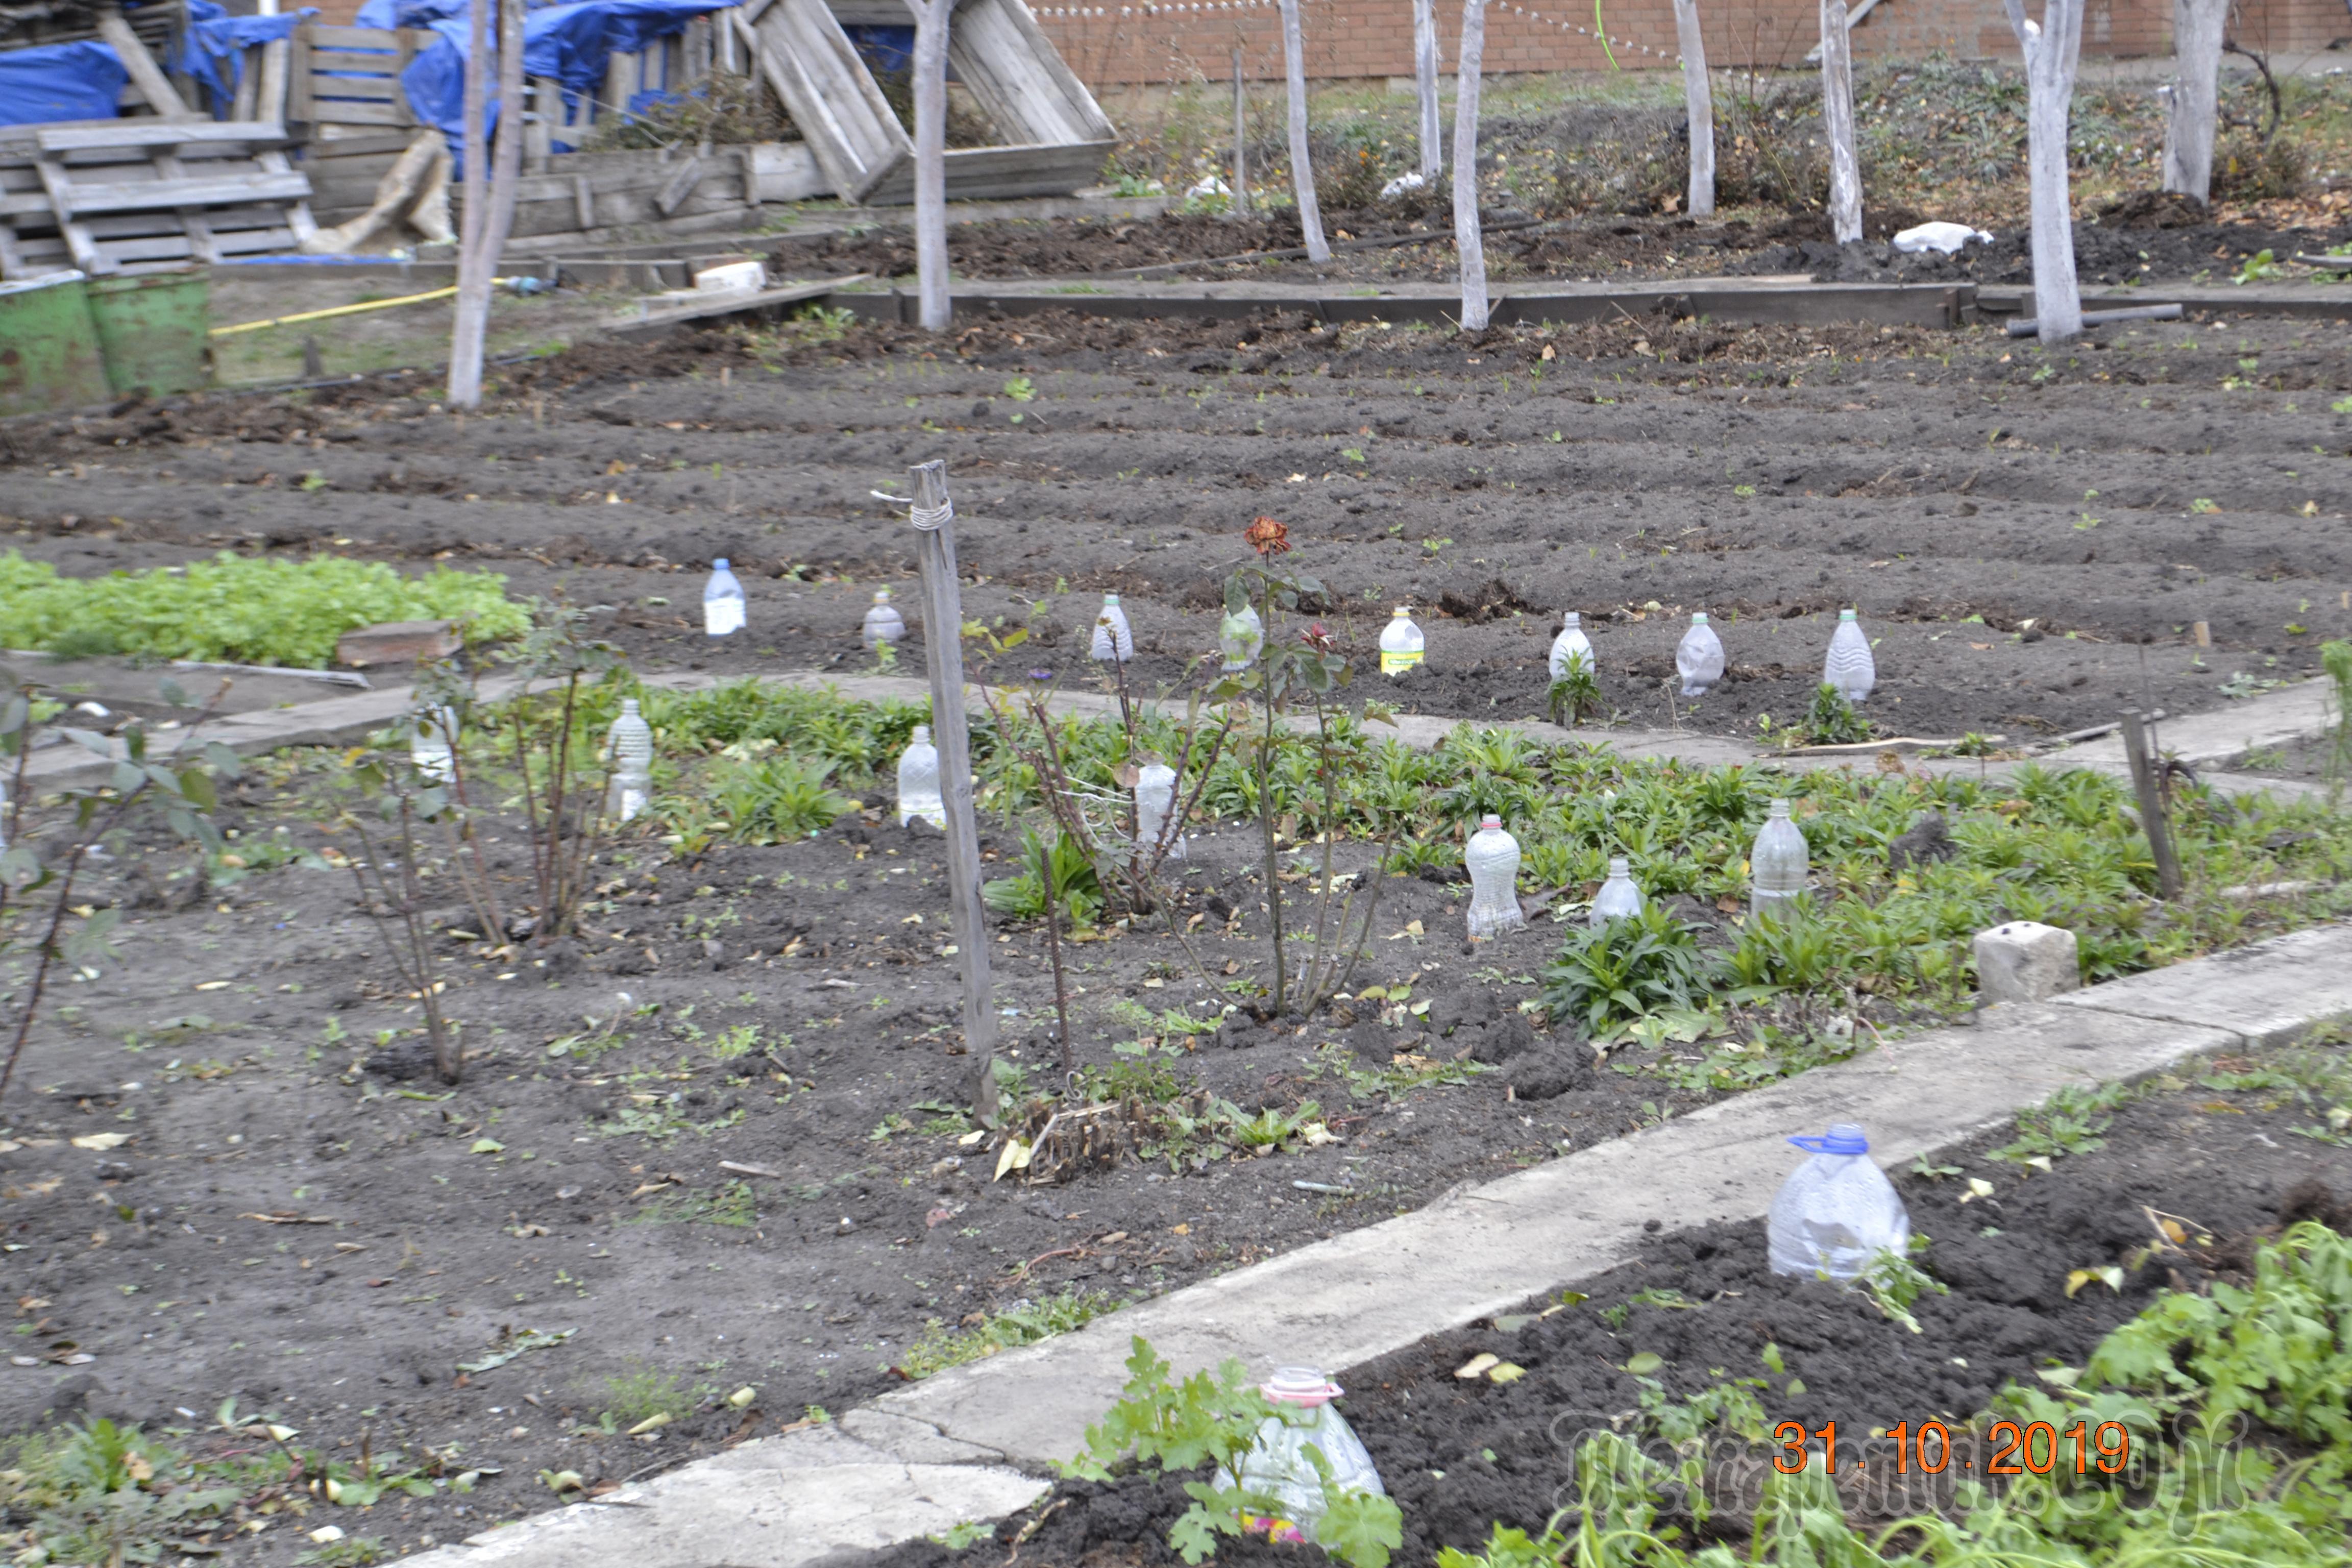 Огород без хлопот рф. органическое земледелие – сад и огород без хлопот для разумно-ленивых | дачная жизнь